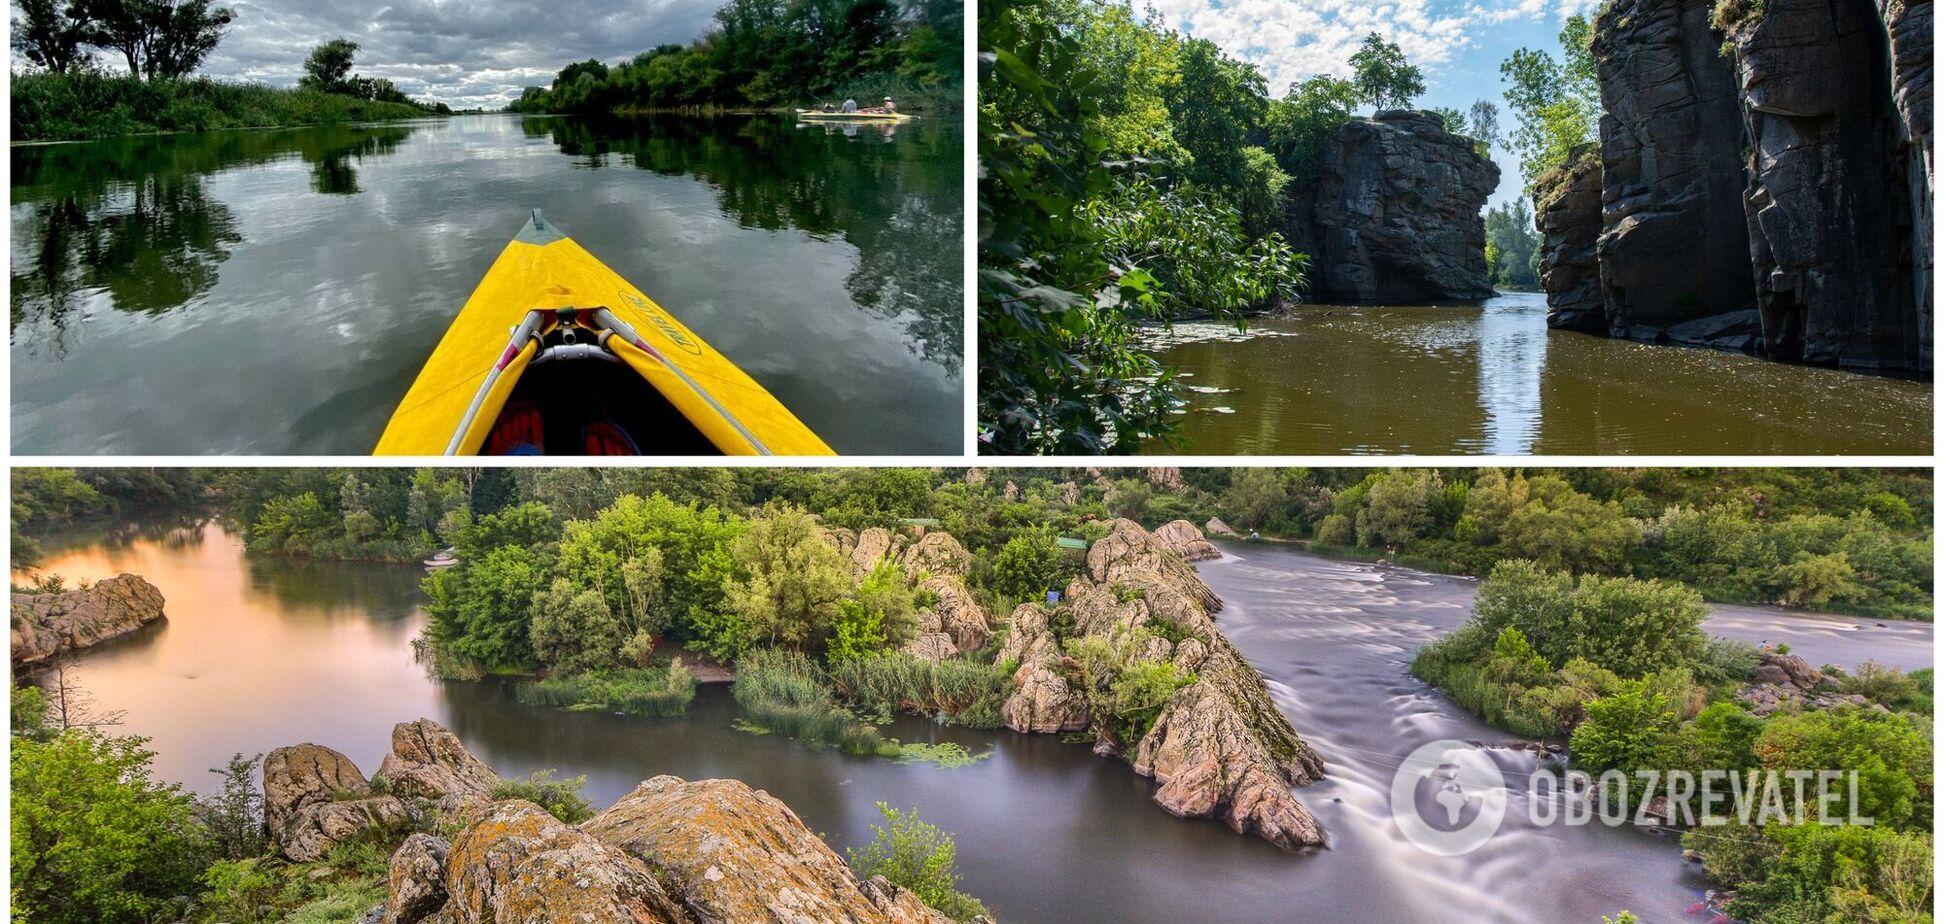 Вместо моря: лучшие места для отдыха в Украине этим летом. Фото